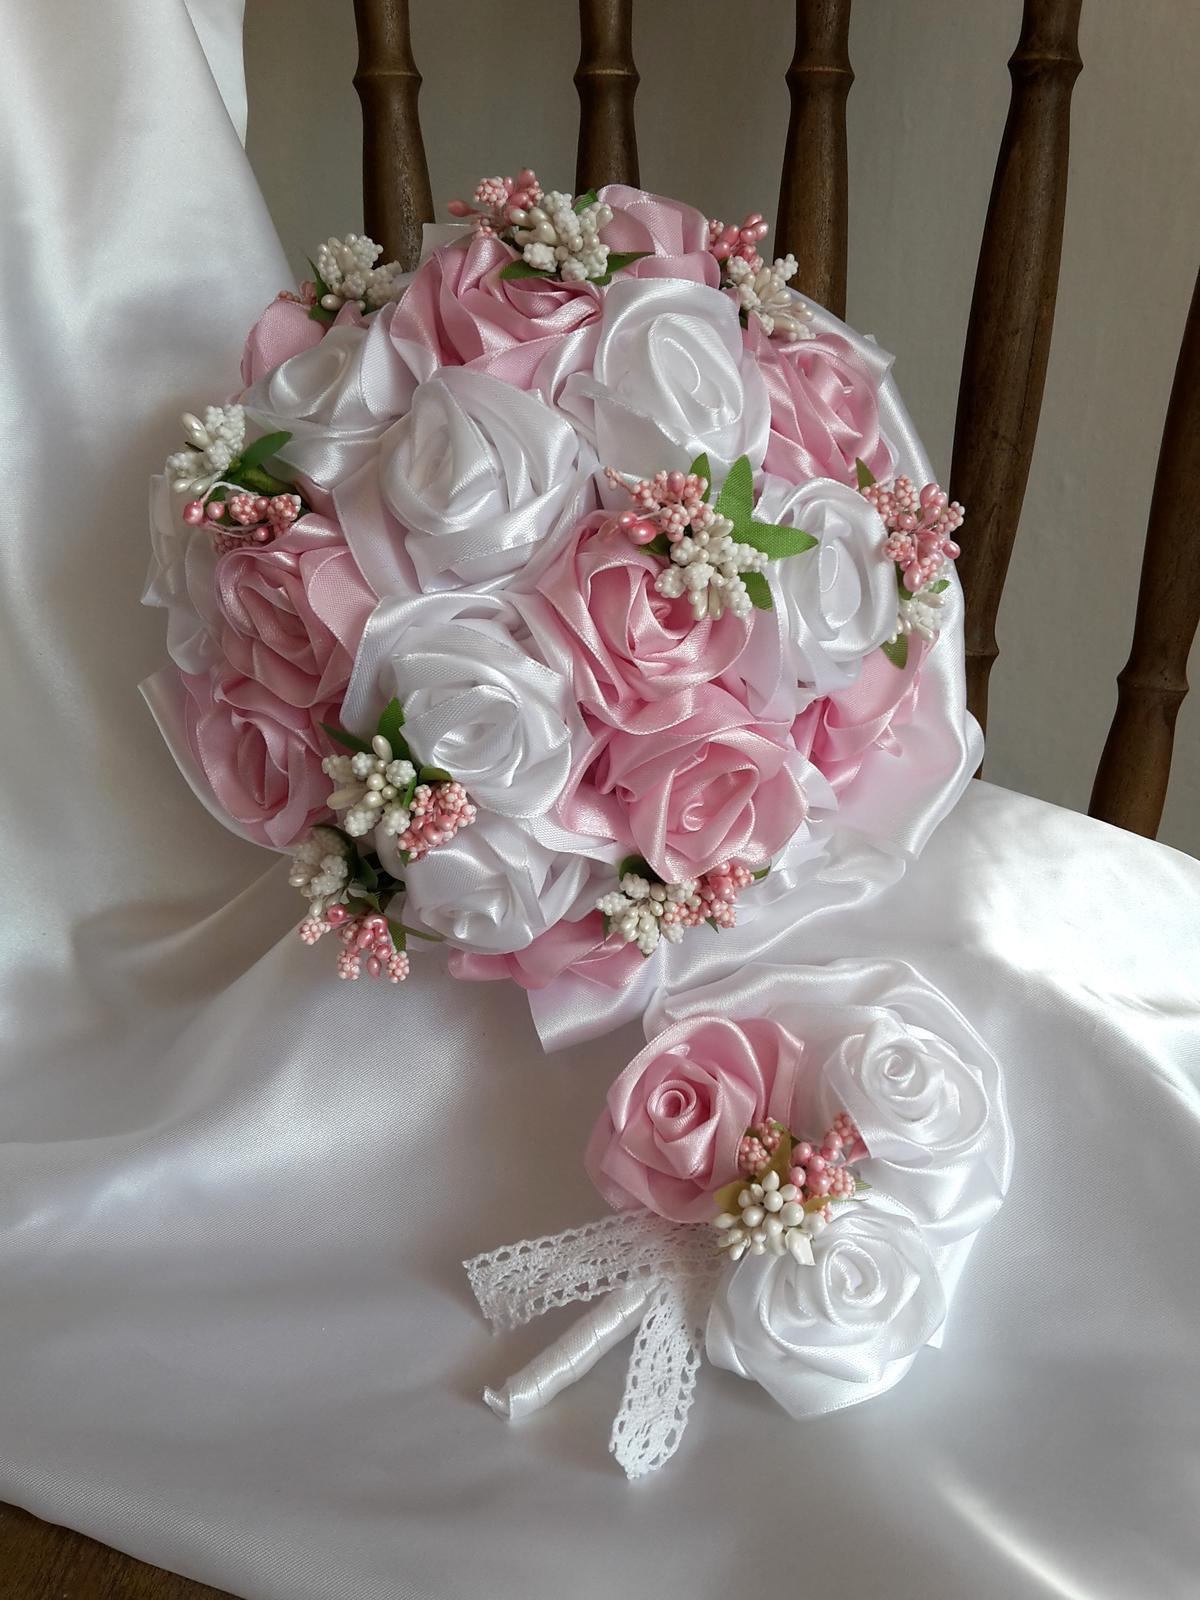 Saténové ruže-ružovo biele,pošta v cene - Obrázok č. 1